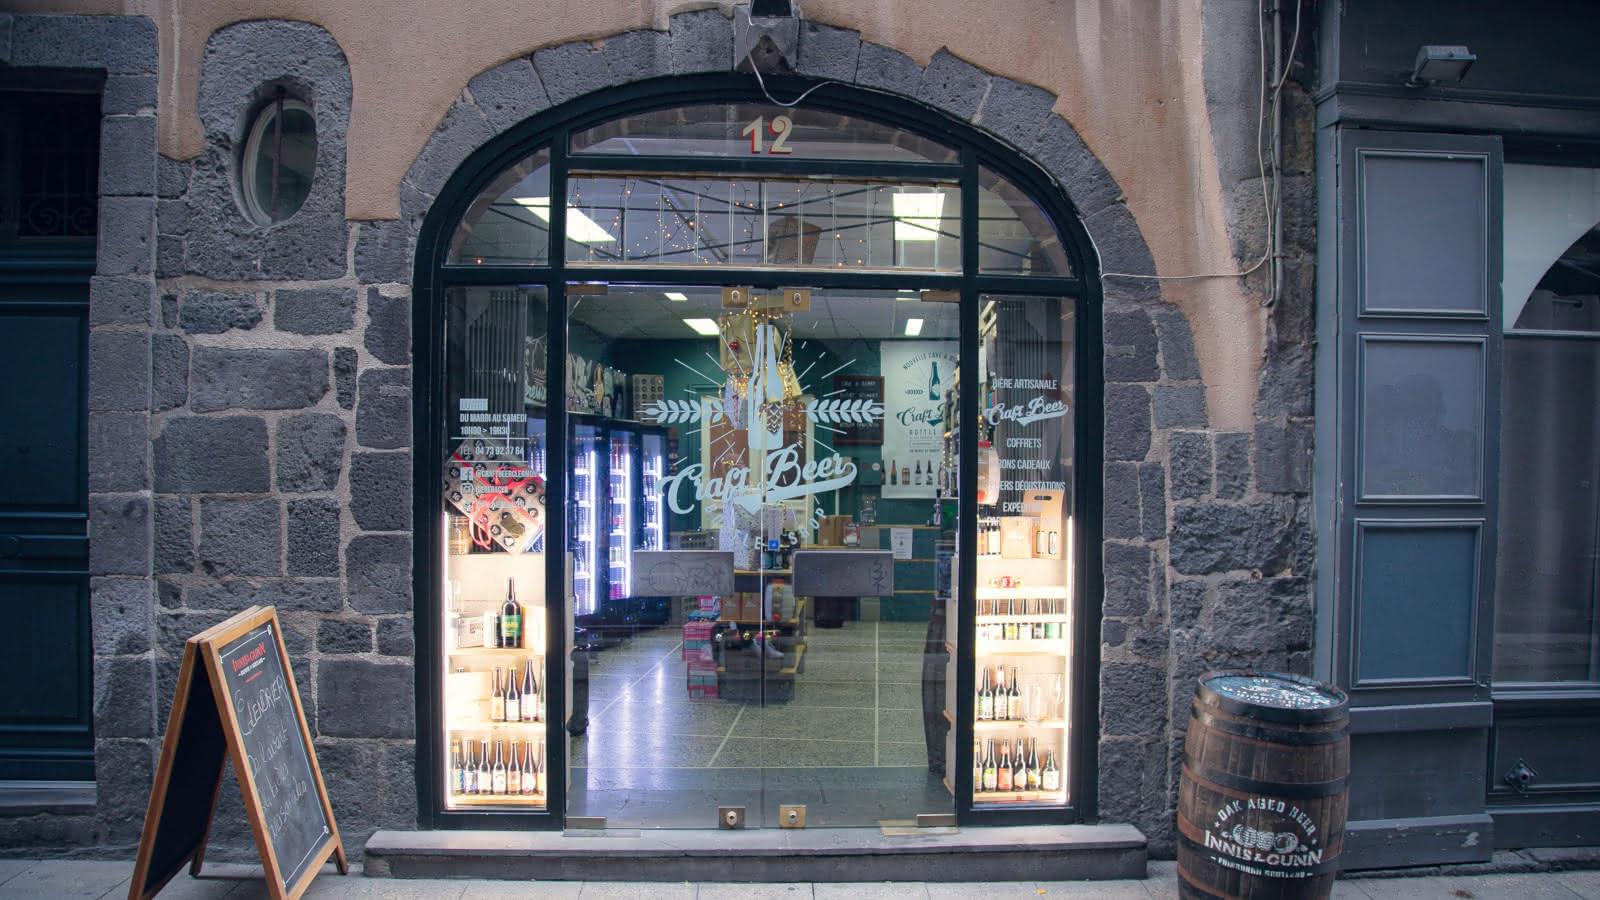 © Craft beer bottle shop